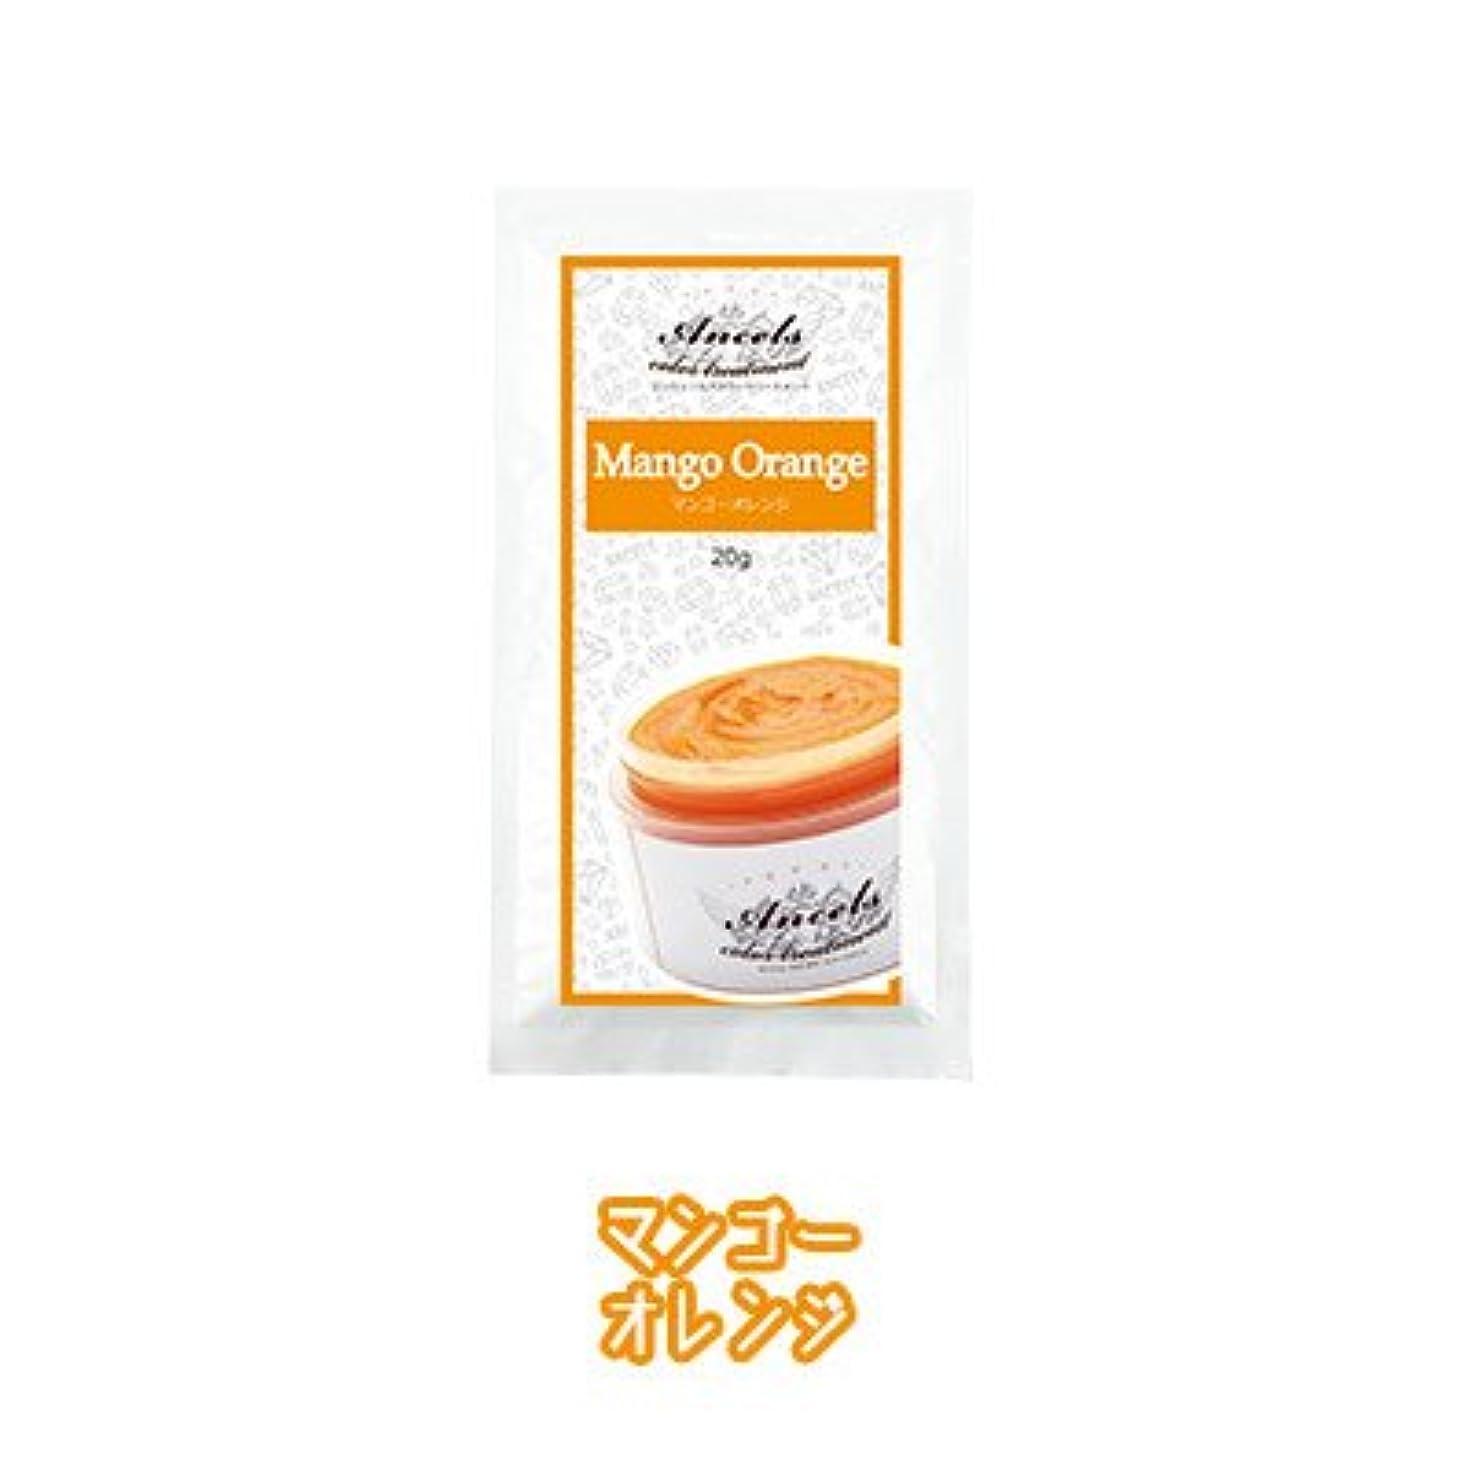 差別する影響を受けやすいです内部エンシェールズ カラートリートメントバター プチ(お試しサイズ) マンゴーオレンジ 20g